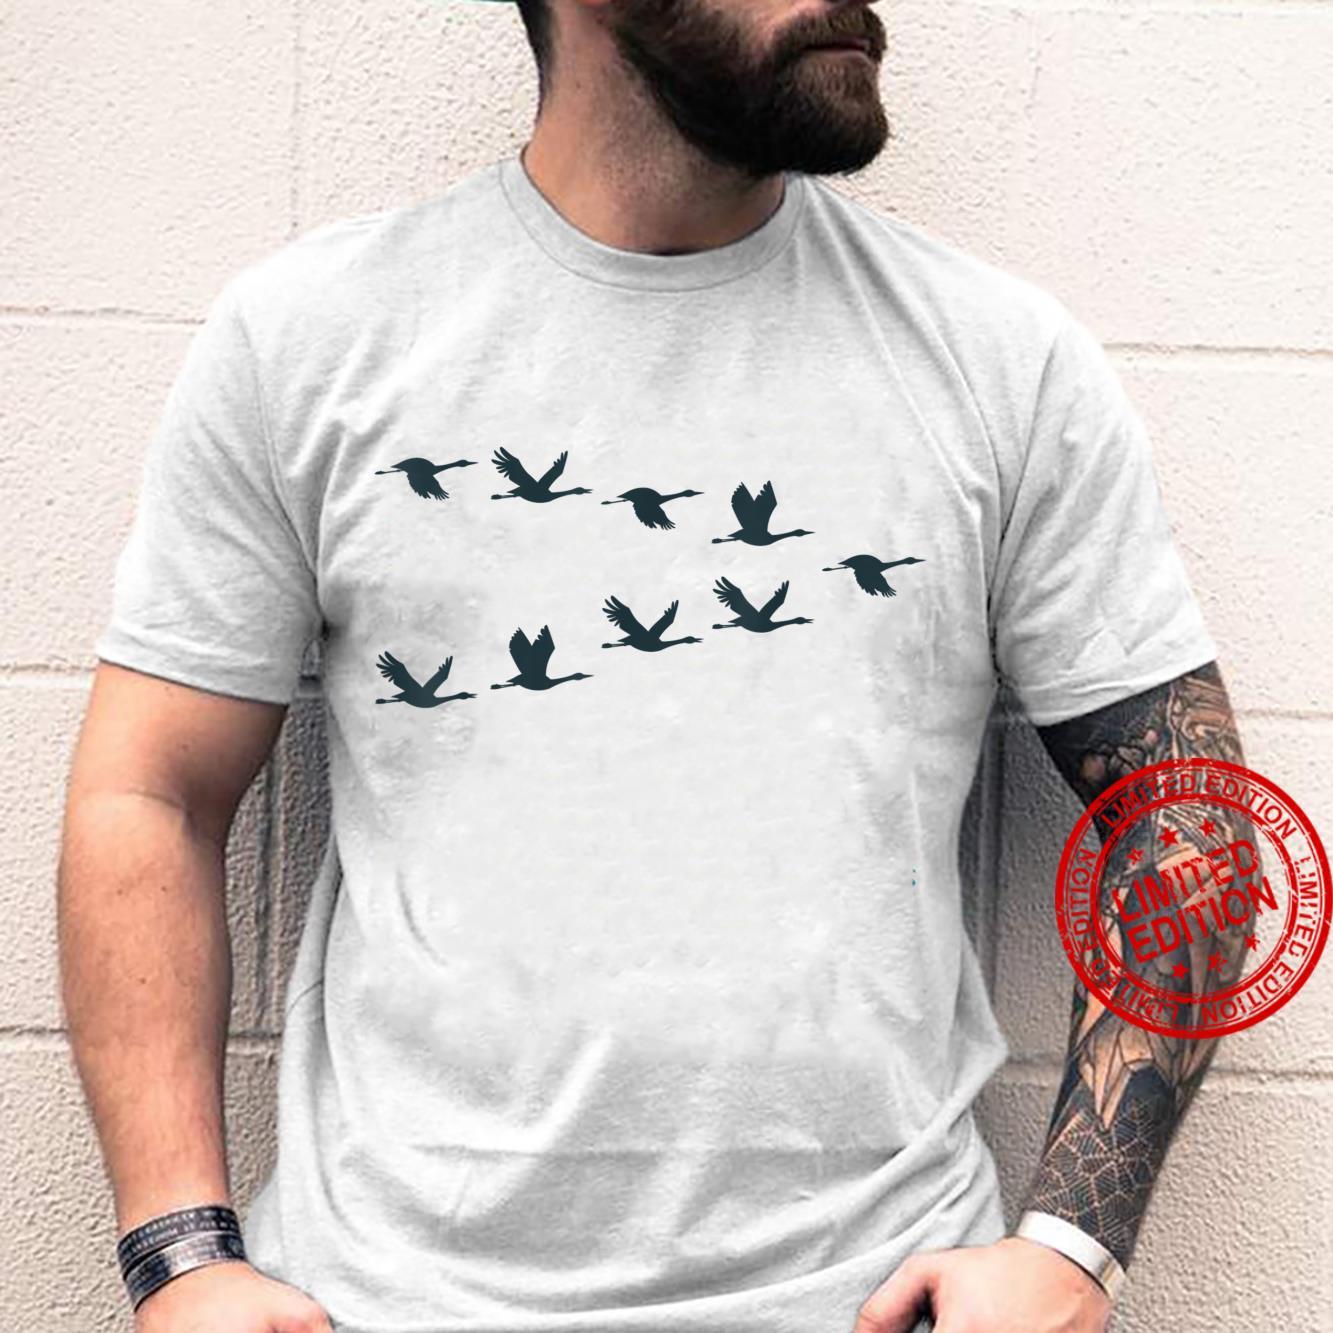 Flock Cranes Stork Black Silhouette Flying Shirt